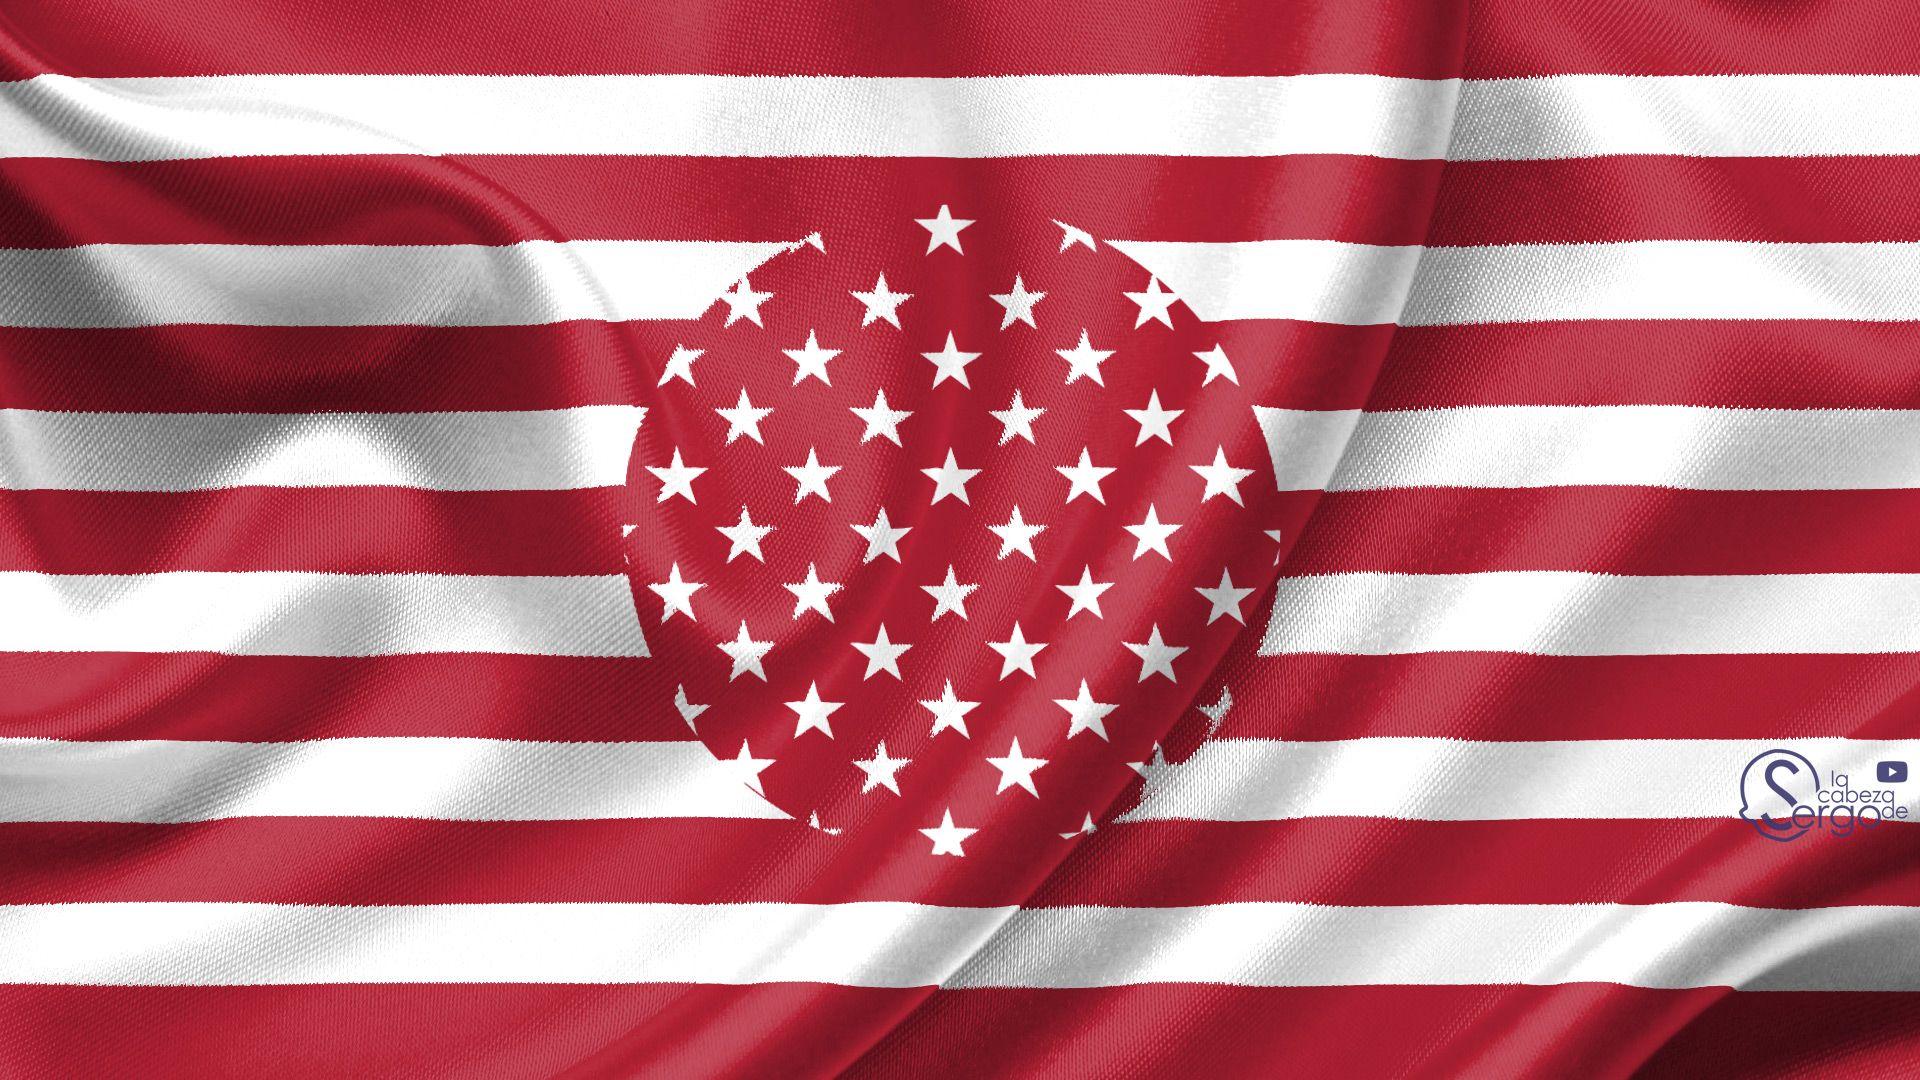 Bandera Estados Unidos Japon Banderas Bandera De Estados Unidos Bandera